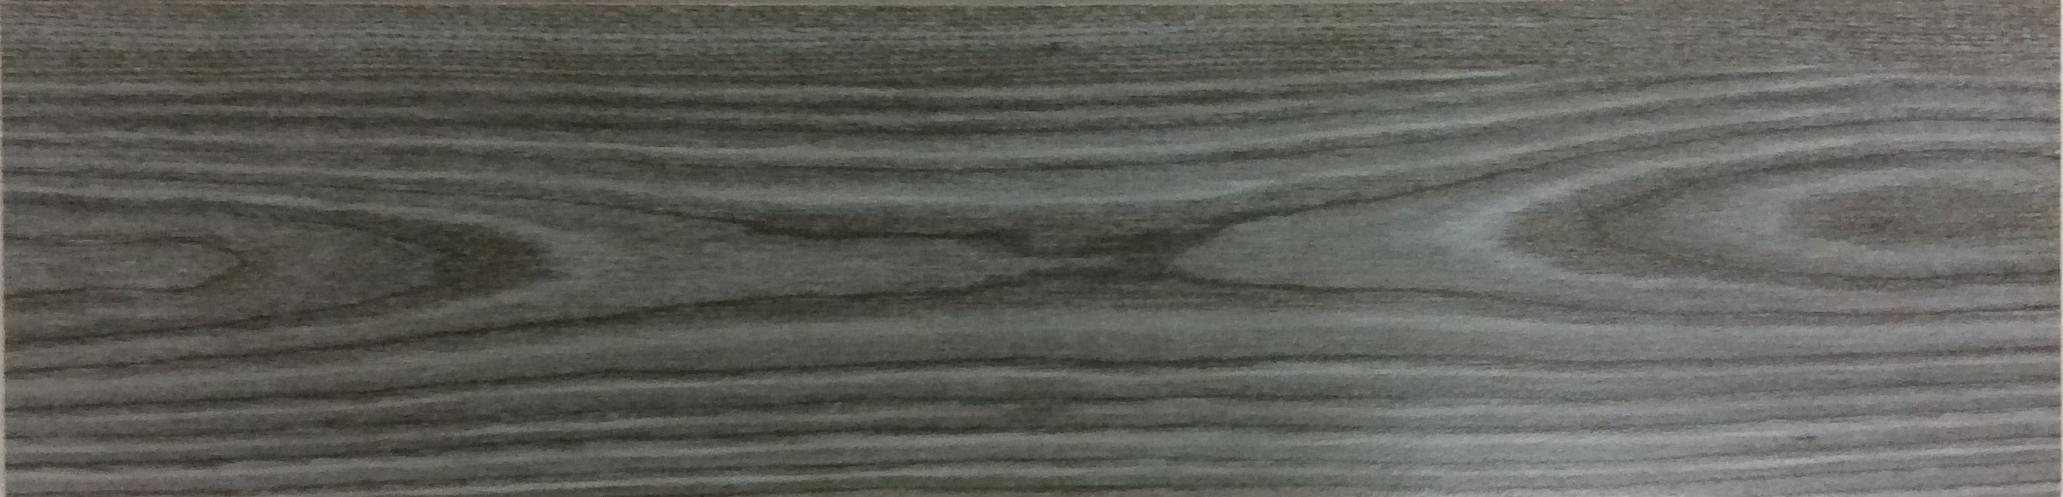 กระเบื้องลายไม้ 15x60 cm รุ่น VHE-06002